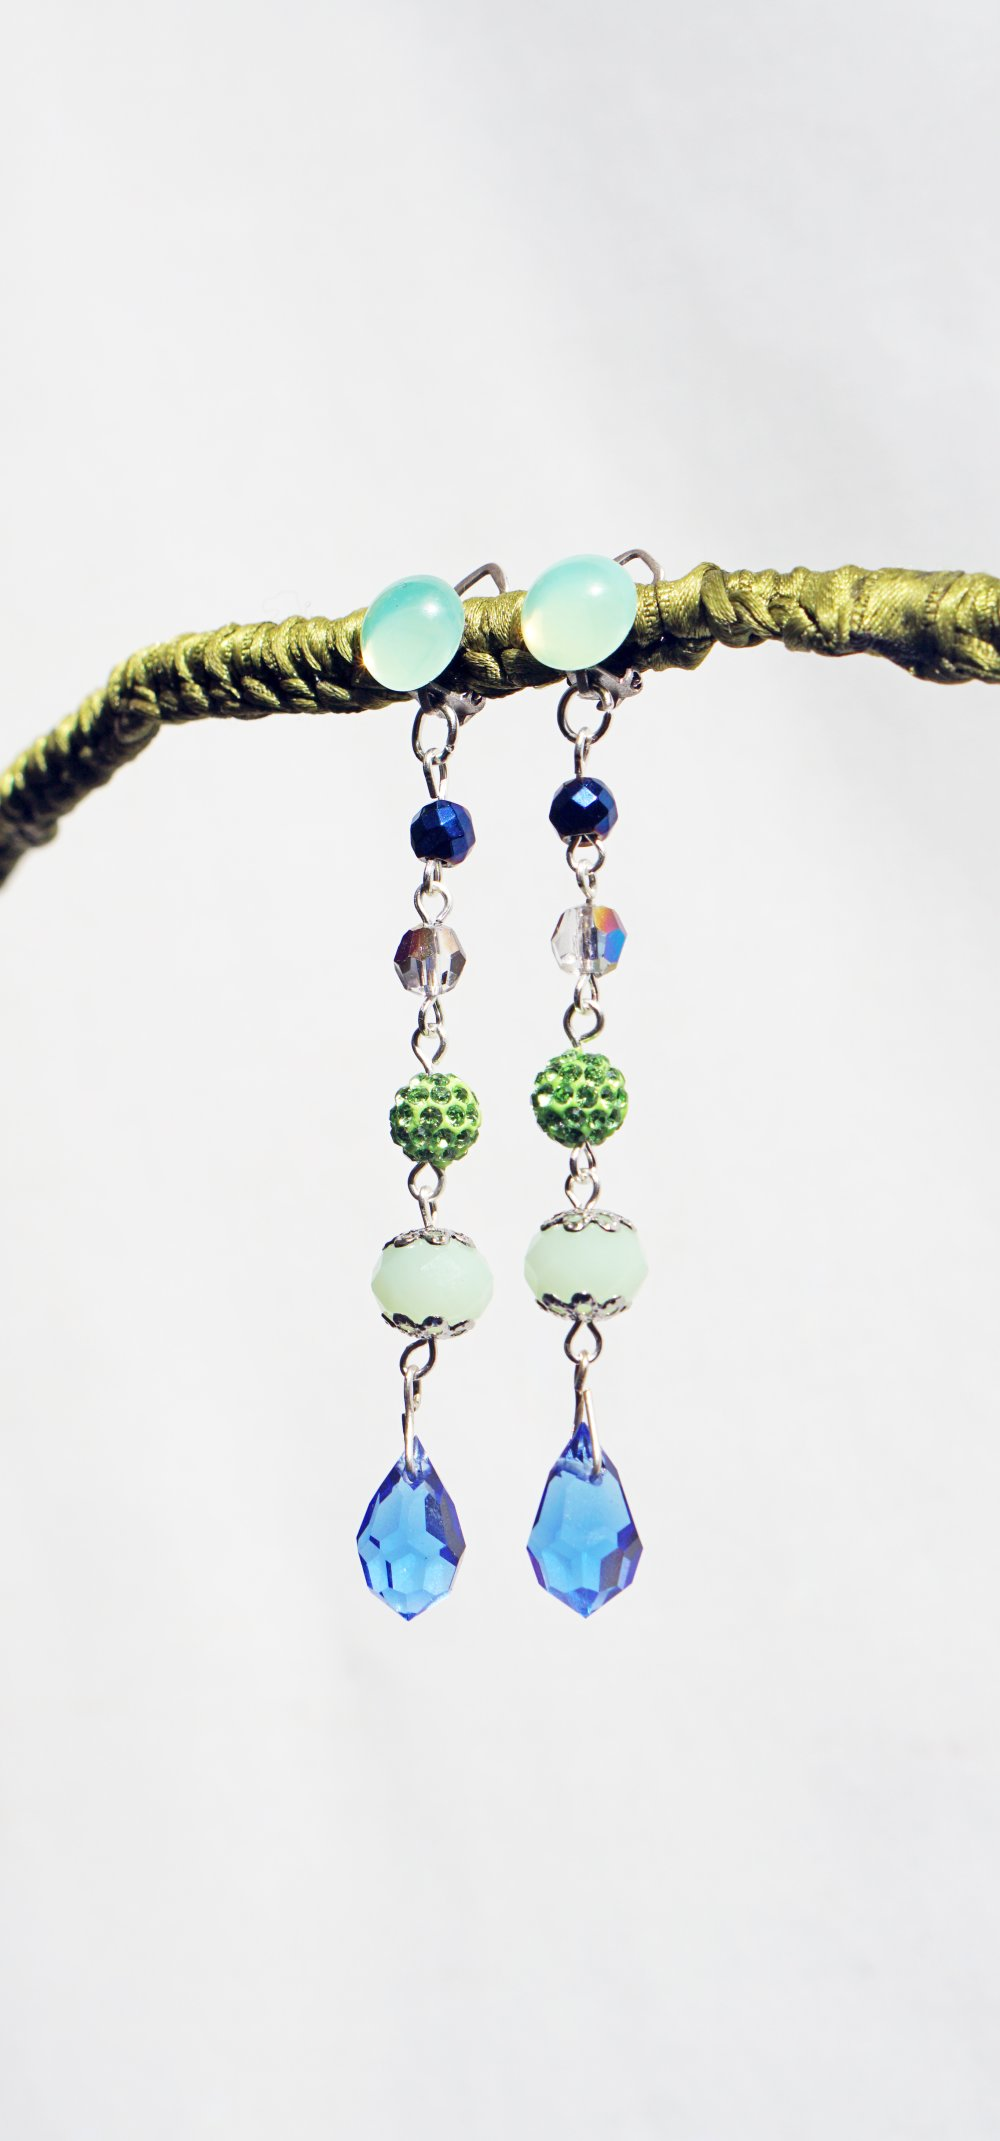 CLIPS Boucles d'oreilles Clips longues Cristal Vert et Bleu & Argent Murano Bijoux Création Française